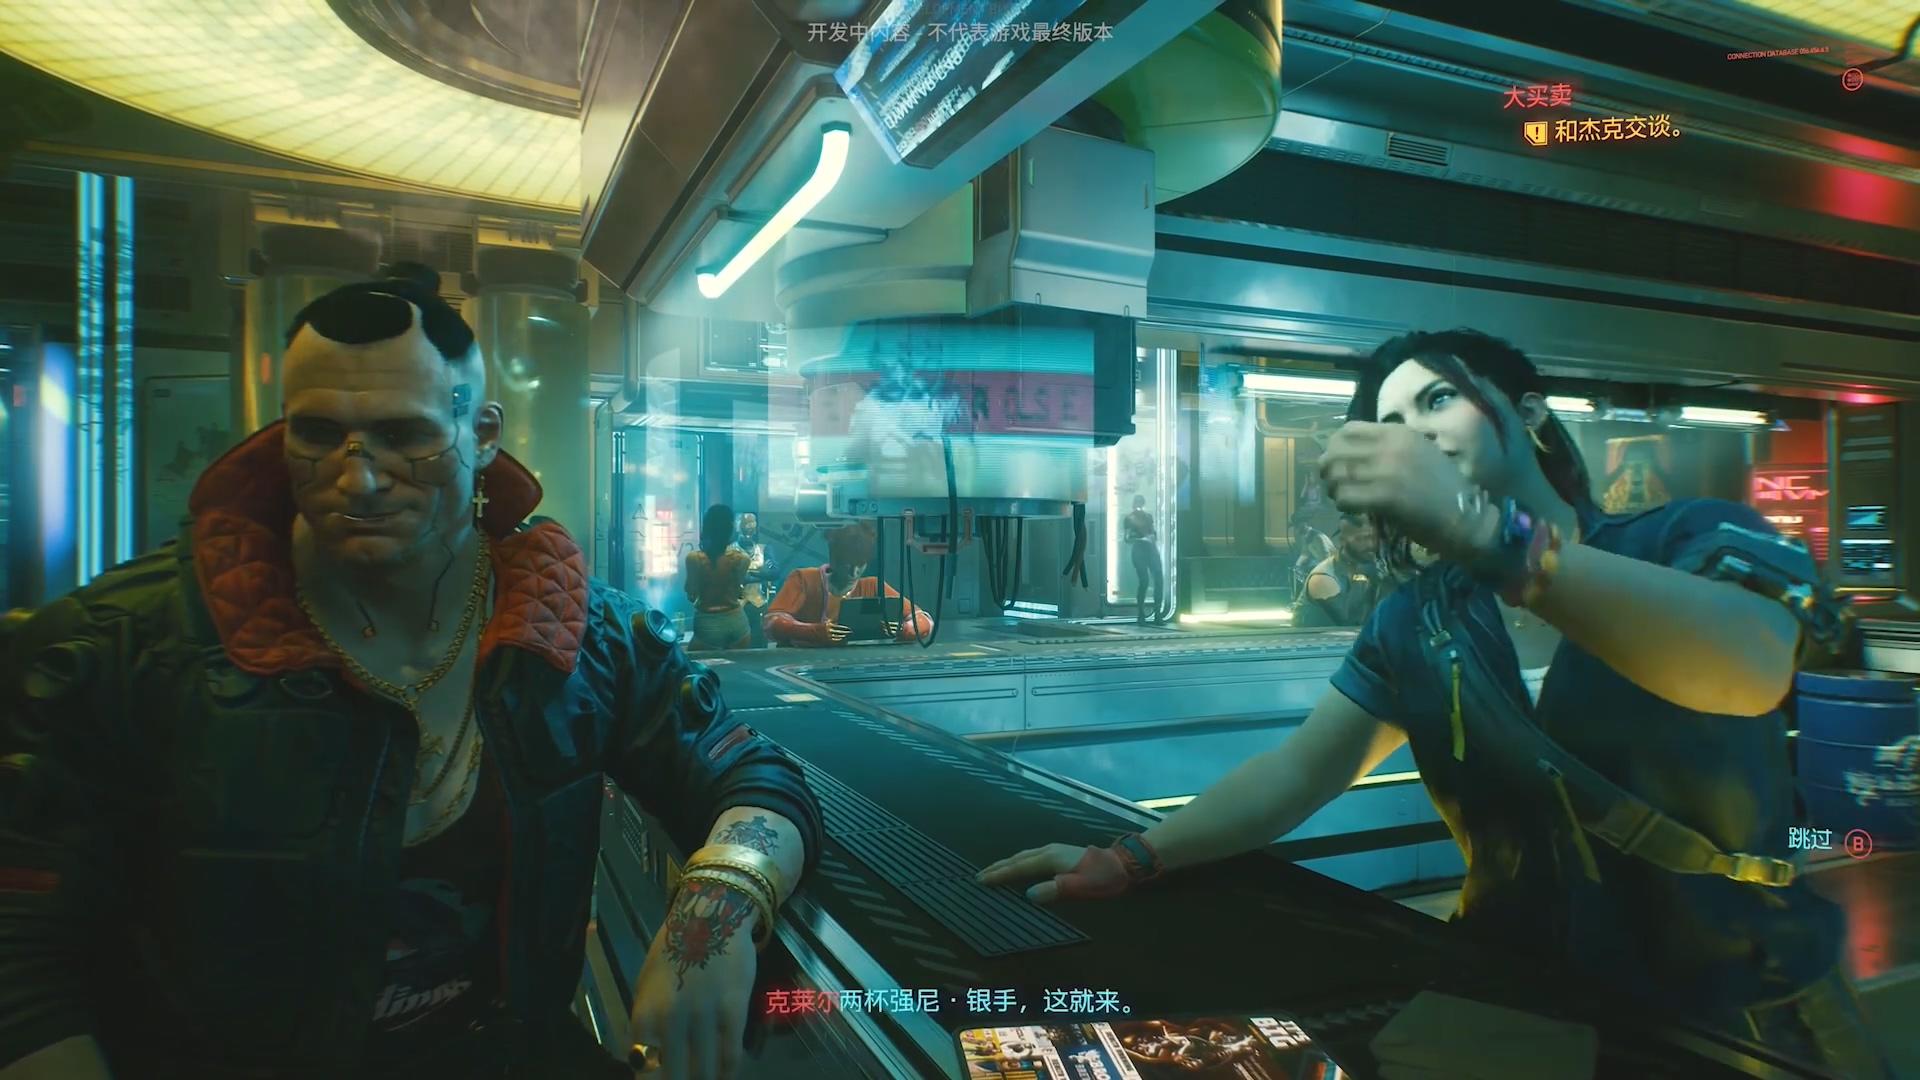 《赛博朋克2077》14分钟实机演示 全程中文配音游玩